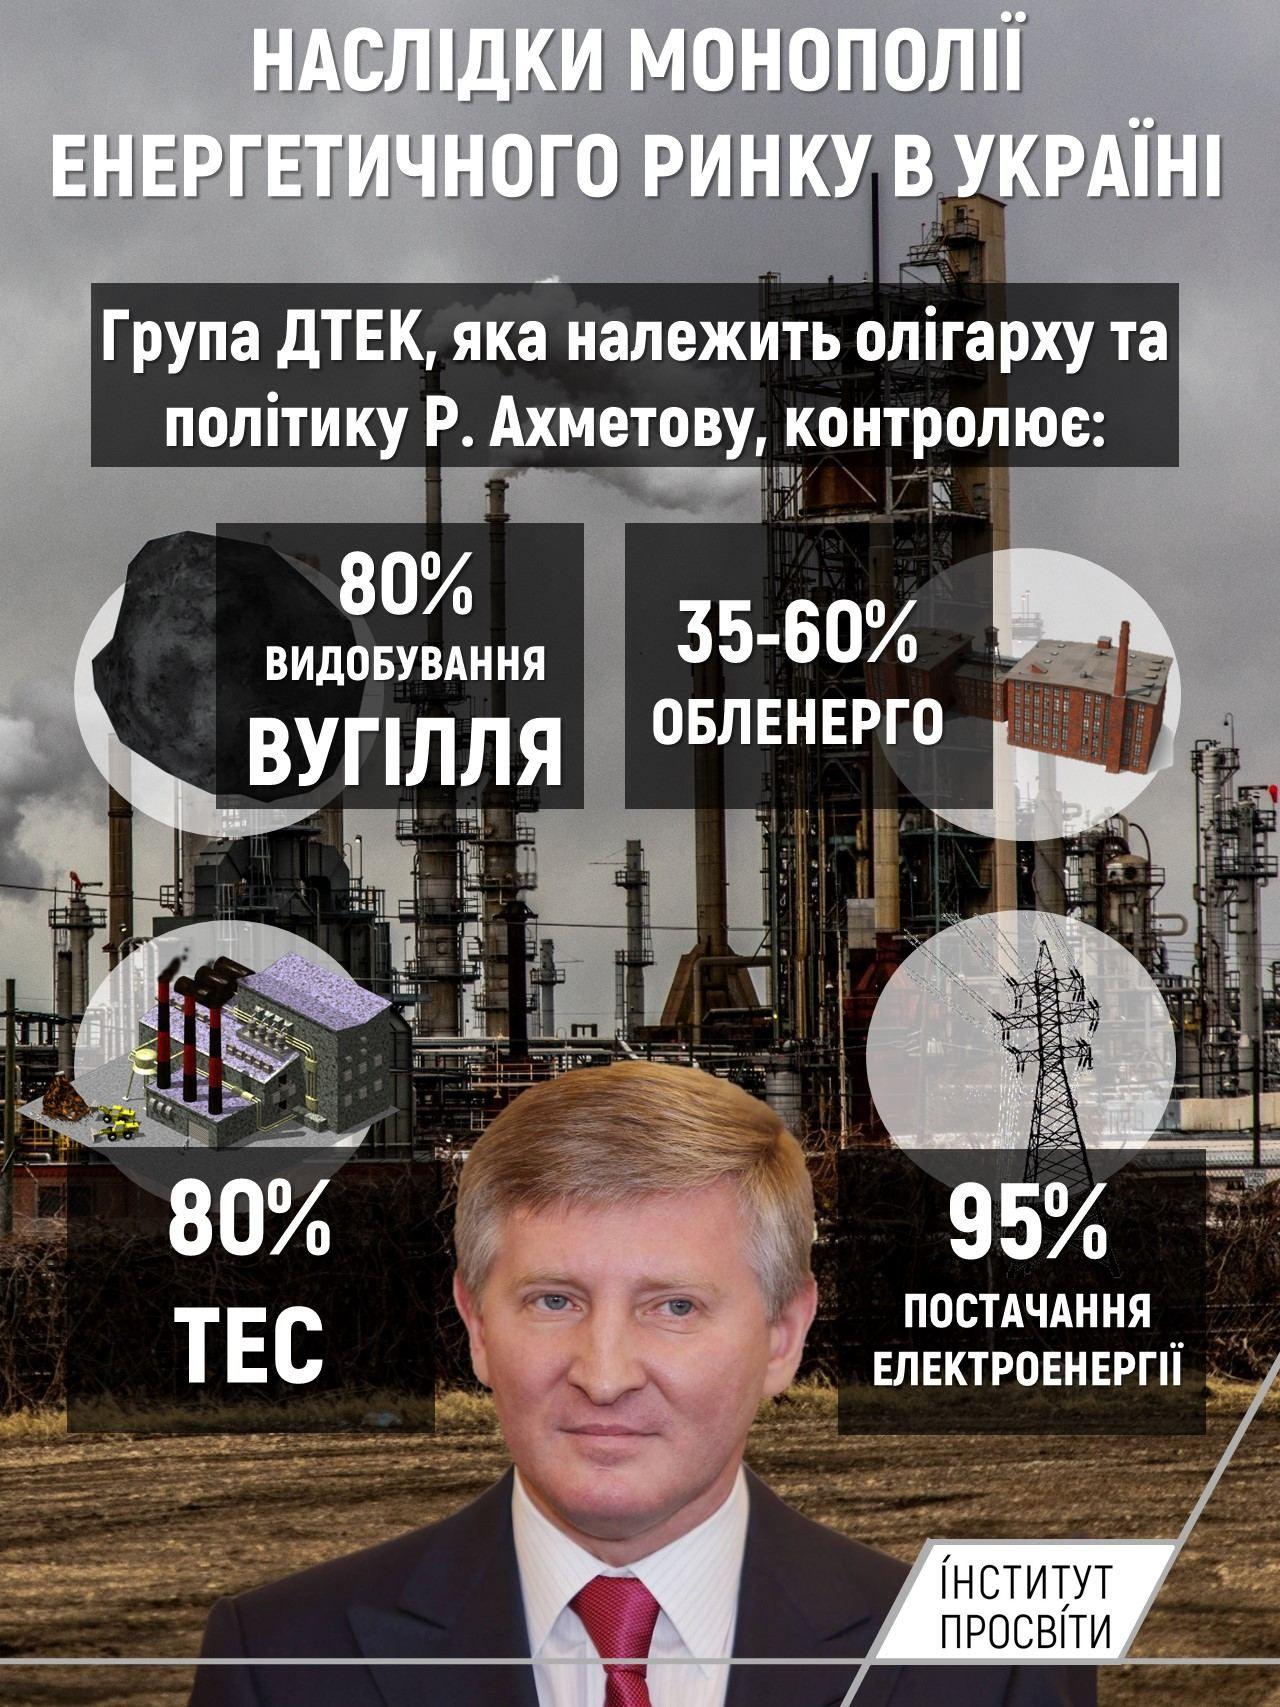 Україна вводить з 1 липня рішучу реформу енергоринку, - Тейлор - Цензор.НЕТ 2147